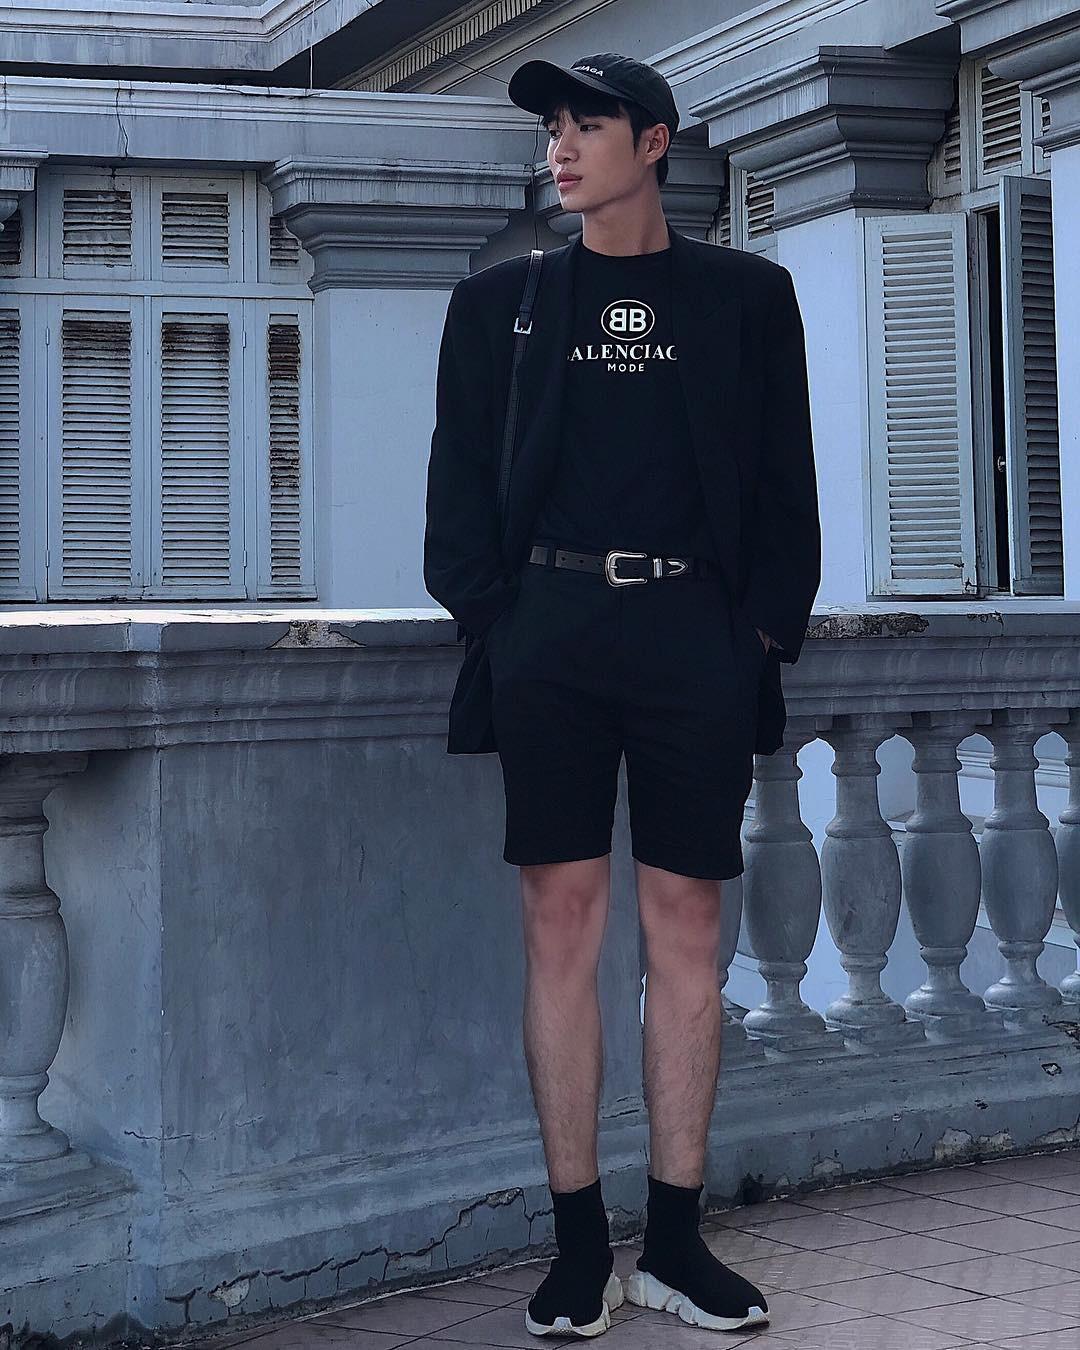 Stylist bộ đầm thị phi mà Ngọc Trinh mặc tại Cannes: 'Lúc chị gửi trang phục cho xem là tay chân lạnh ngắt rồi' 8